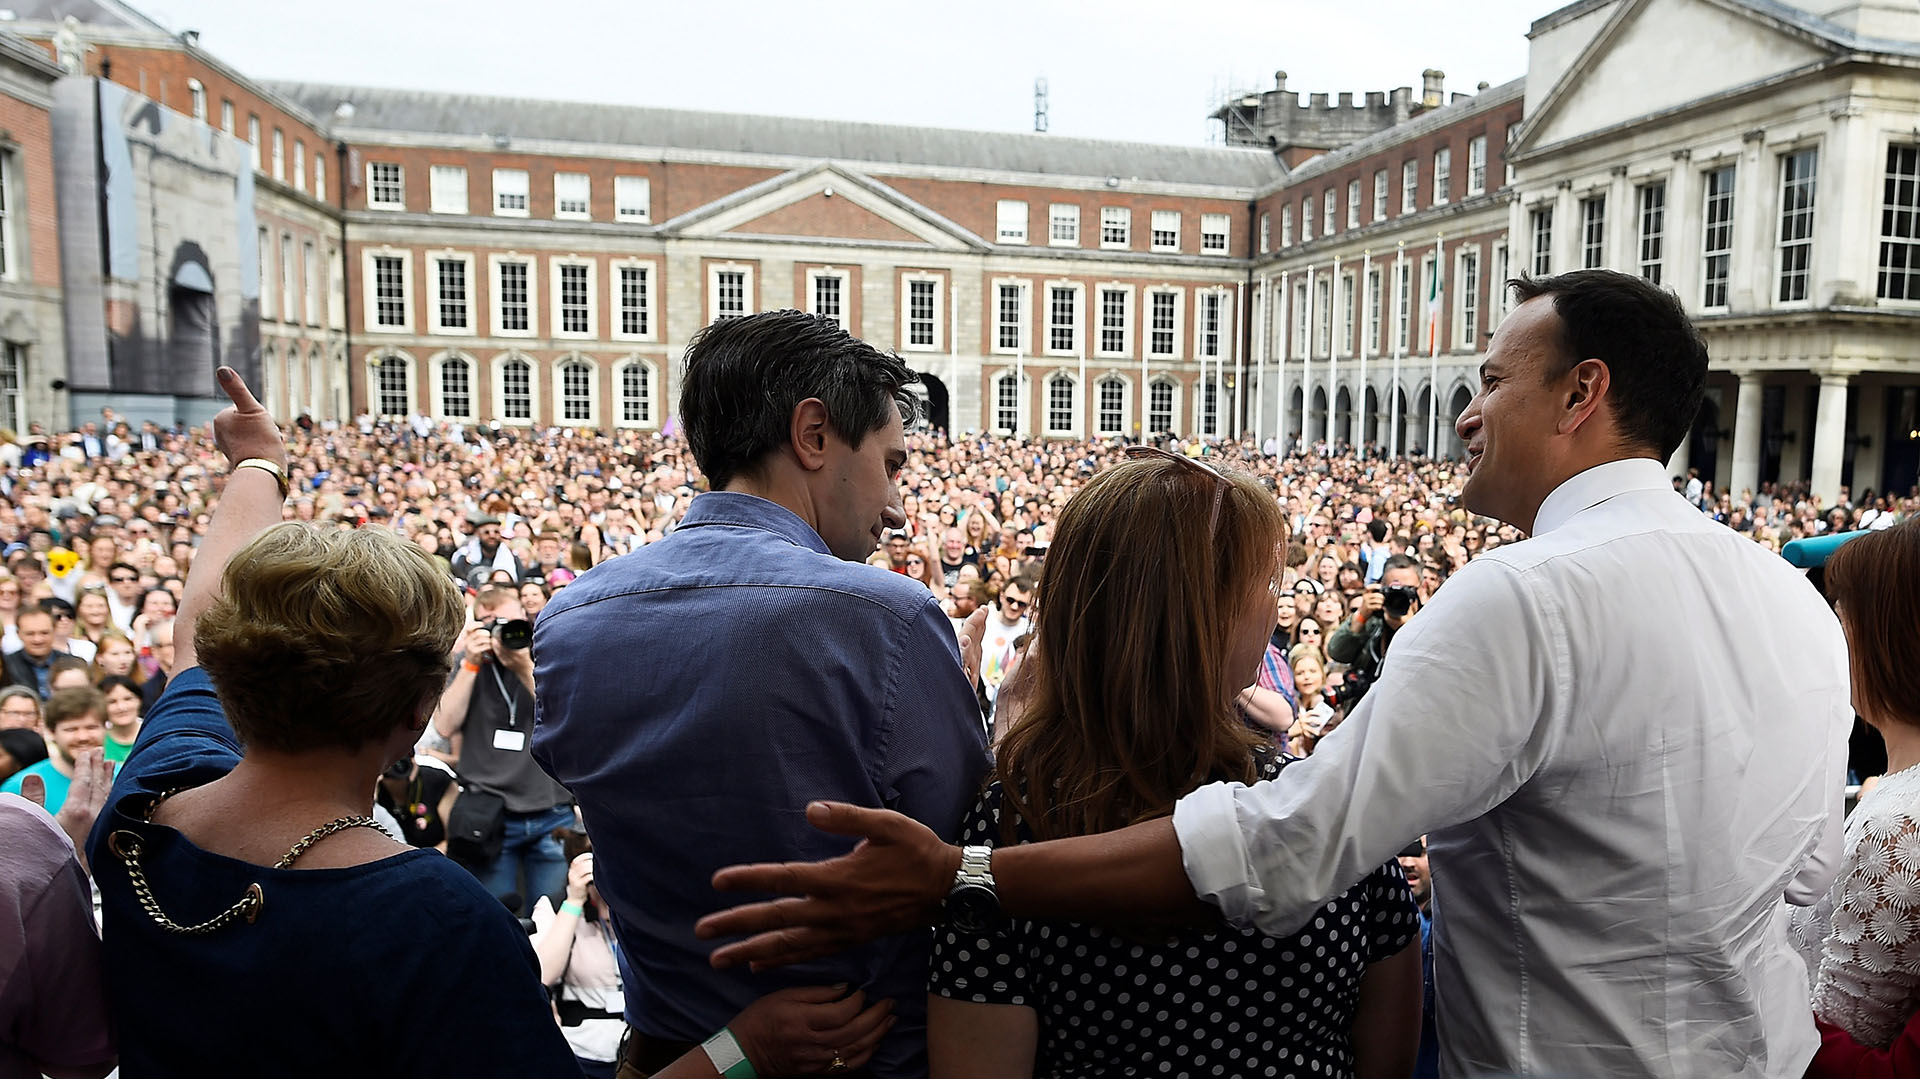 El primer ministro irlandés Leo Varadkar llega a dar un discurso durante los festejos por el resultado del referéndum que liberalizará el aborto en Dublin (REUTERS/Clodagh Kilcoyne)